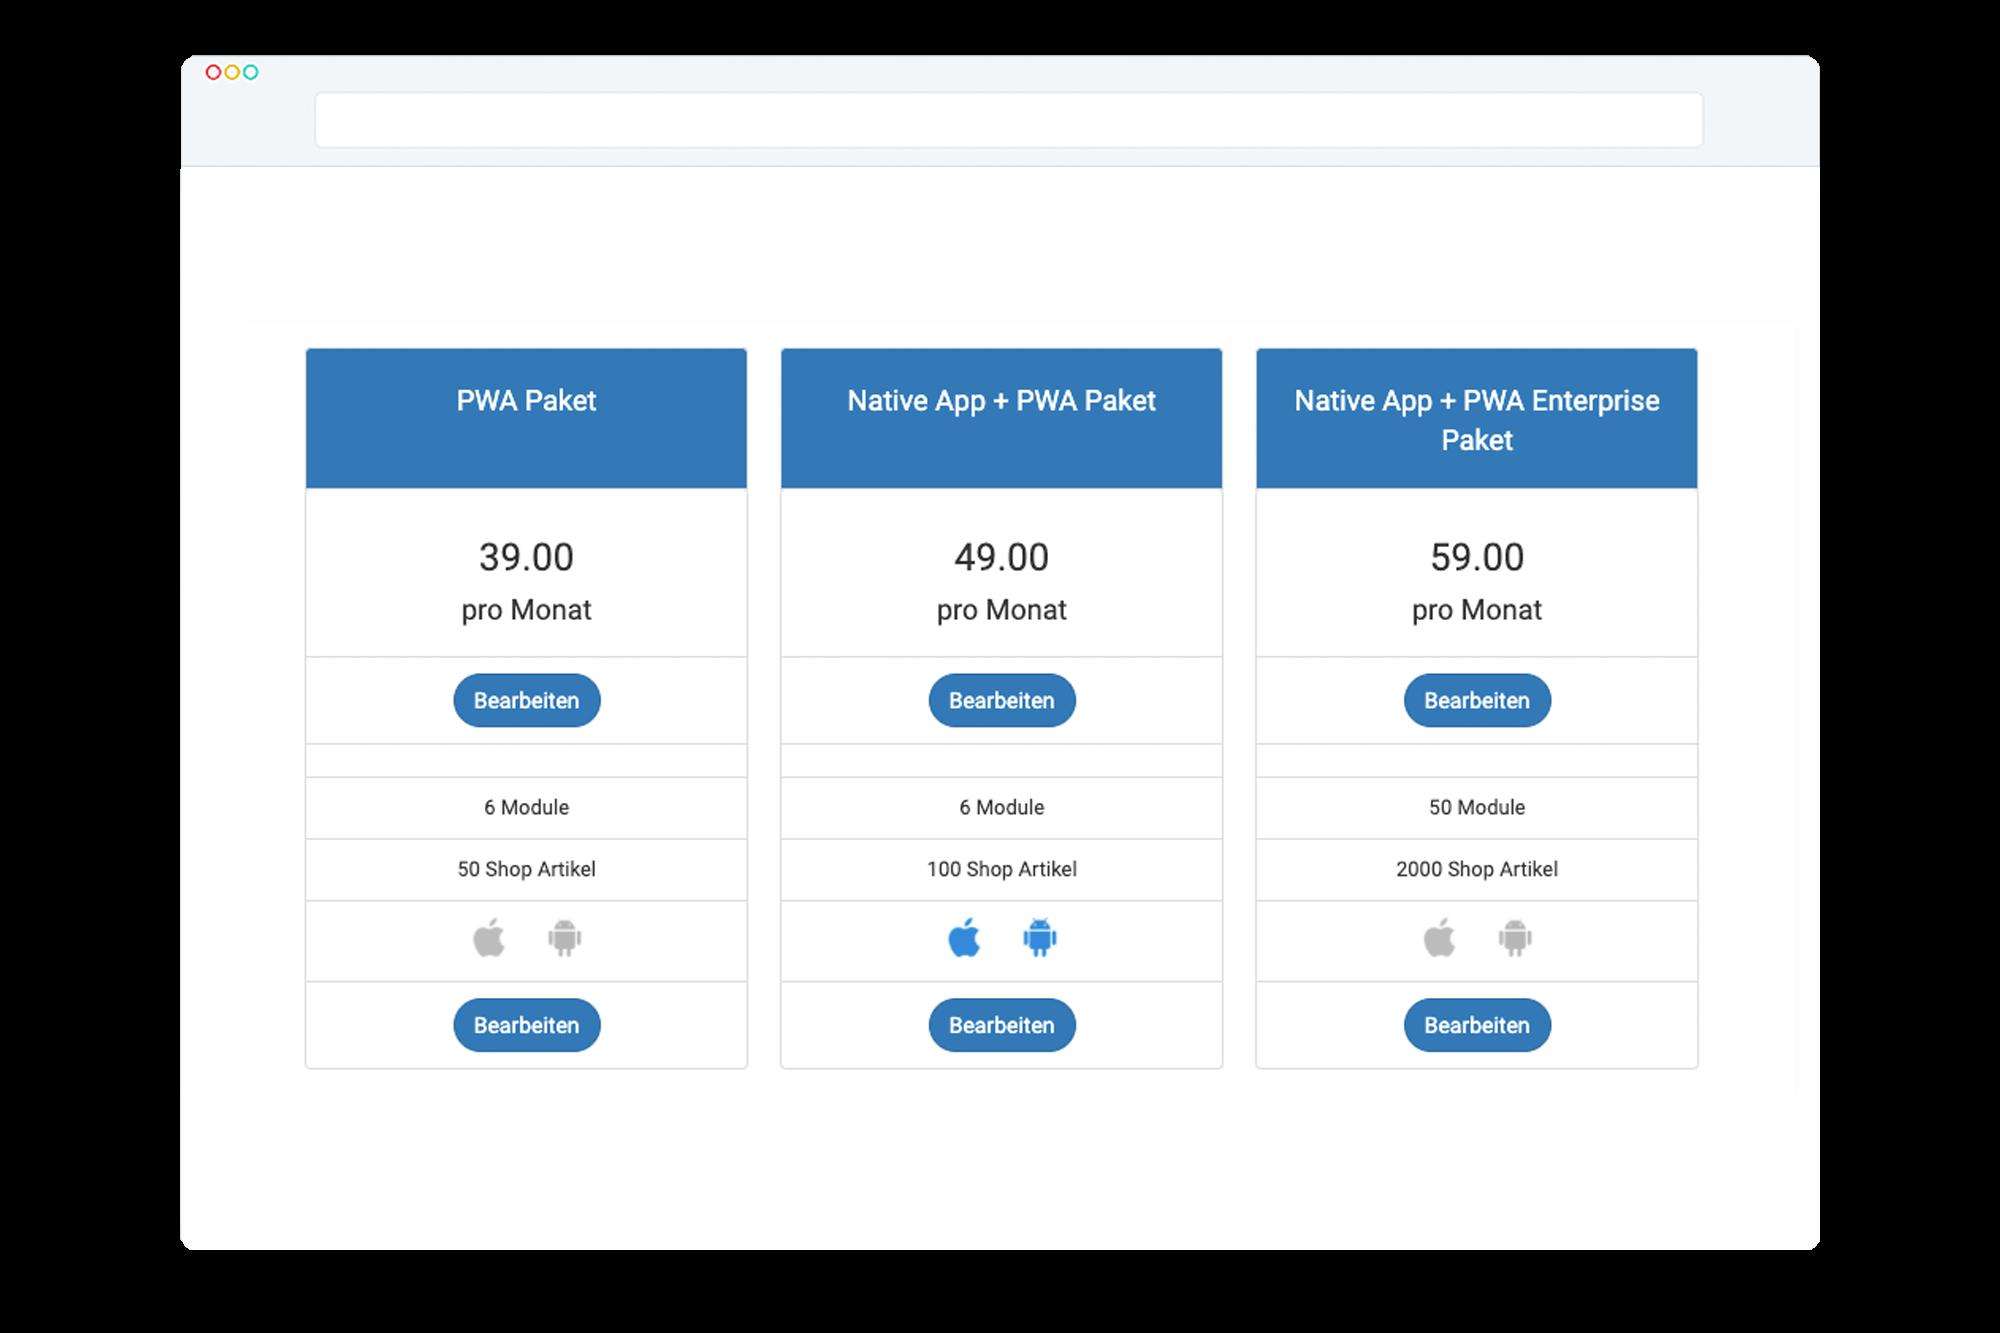 Pakete konfigurieren auf der Reseller App Plattform